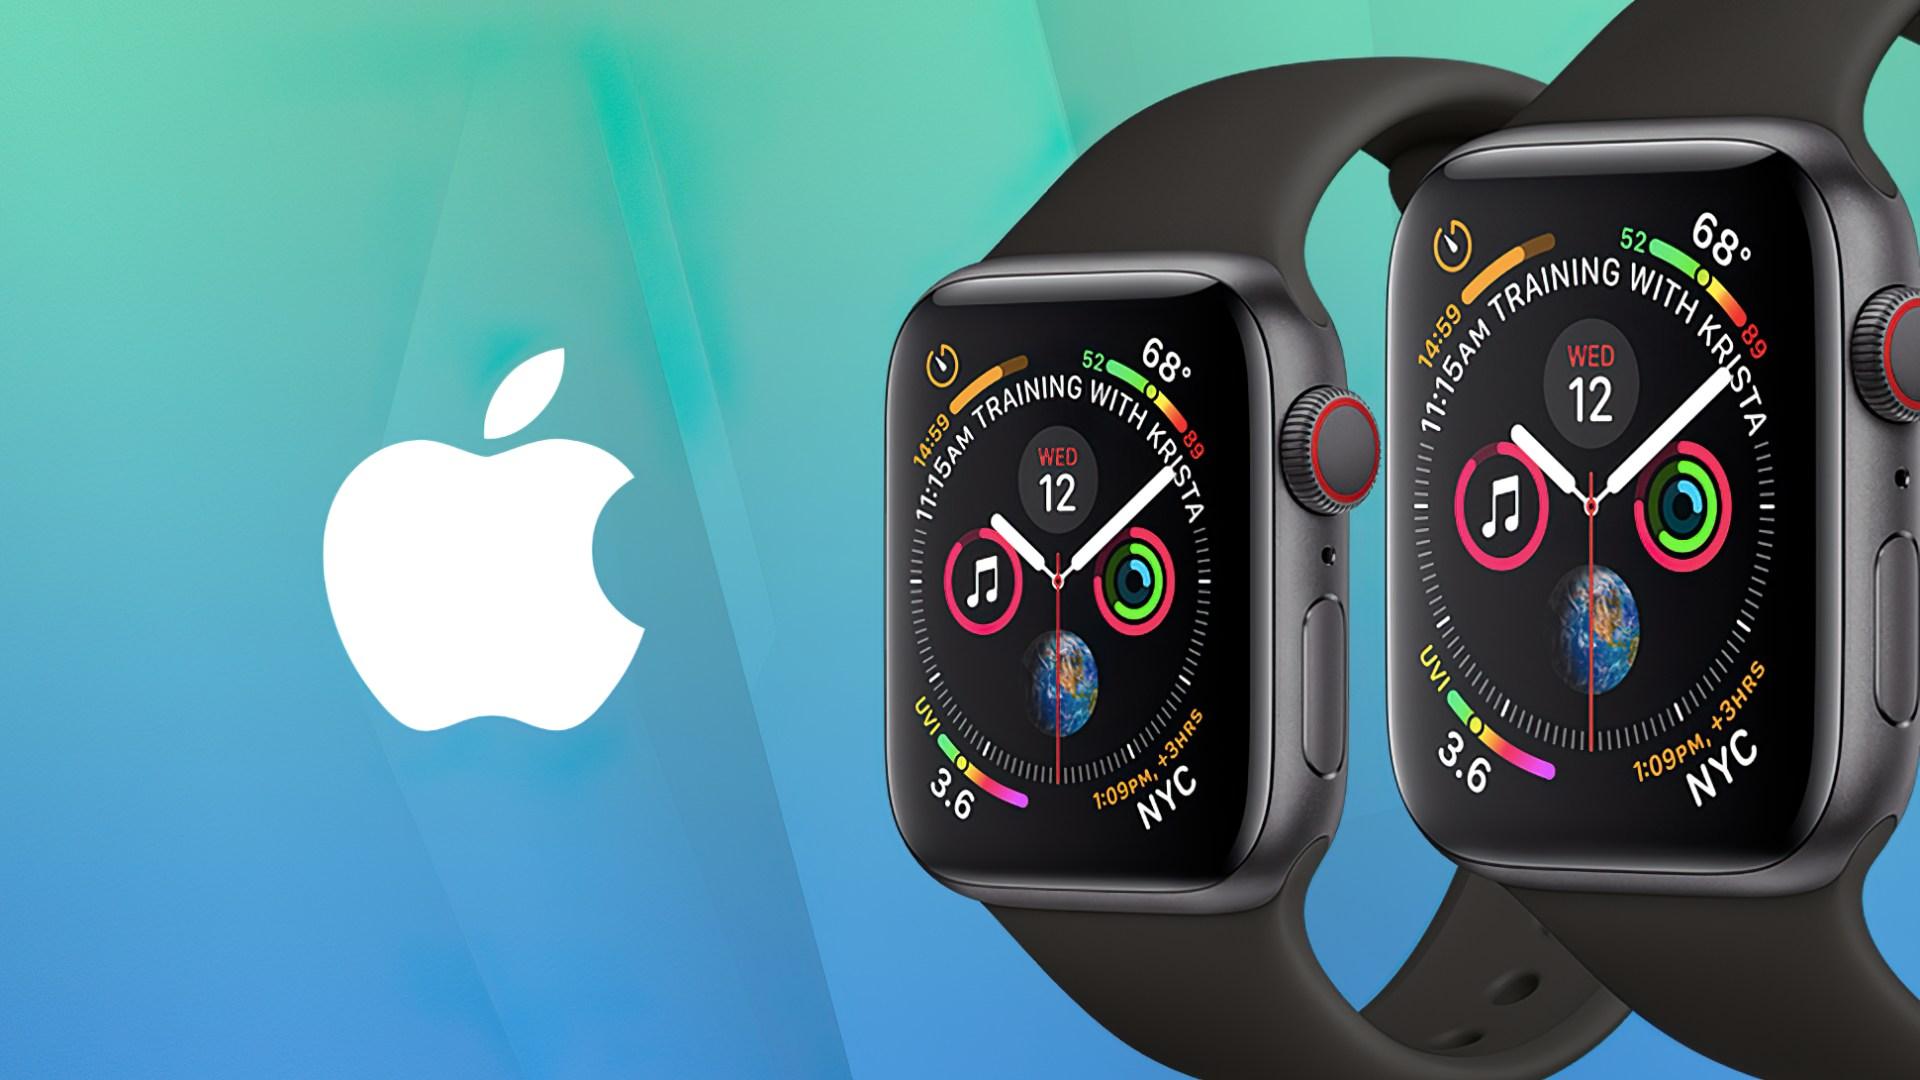 Apple, Logo, smartwatch, Apple Watch, iWatch, Apple iWatch, Apple Smartwatch, Apple Watch Series 5, Apple Logo, Apple Watch Series 4, Apple Watch 5, Apple Watch 4